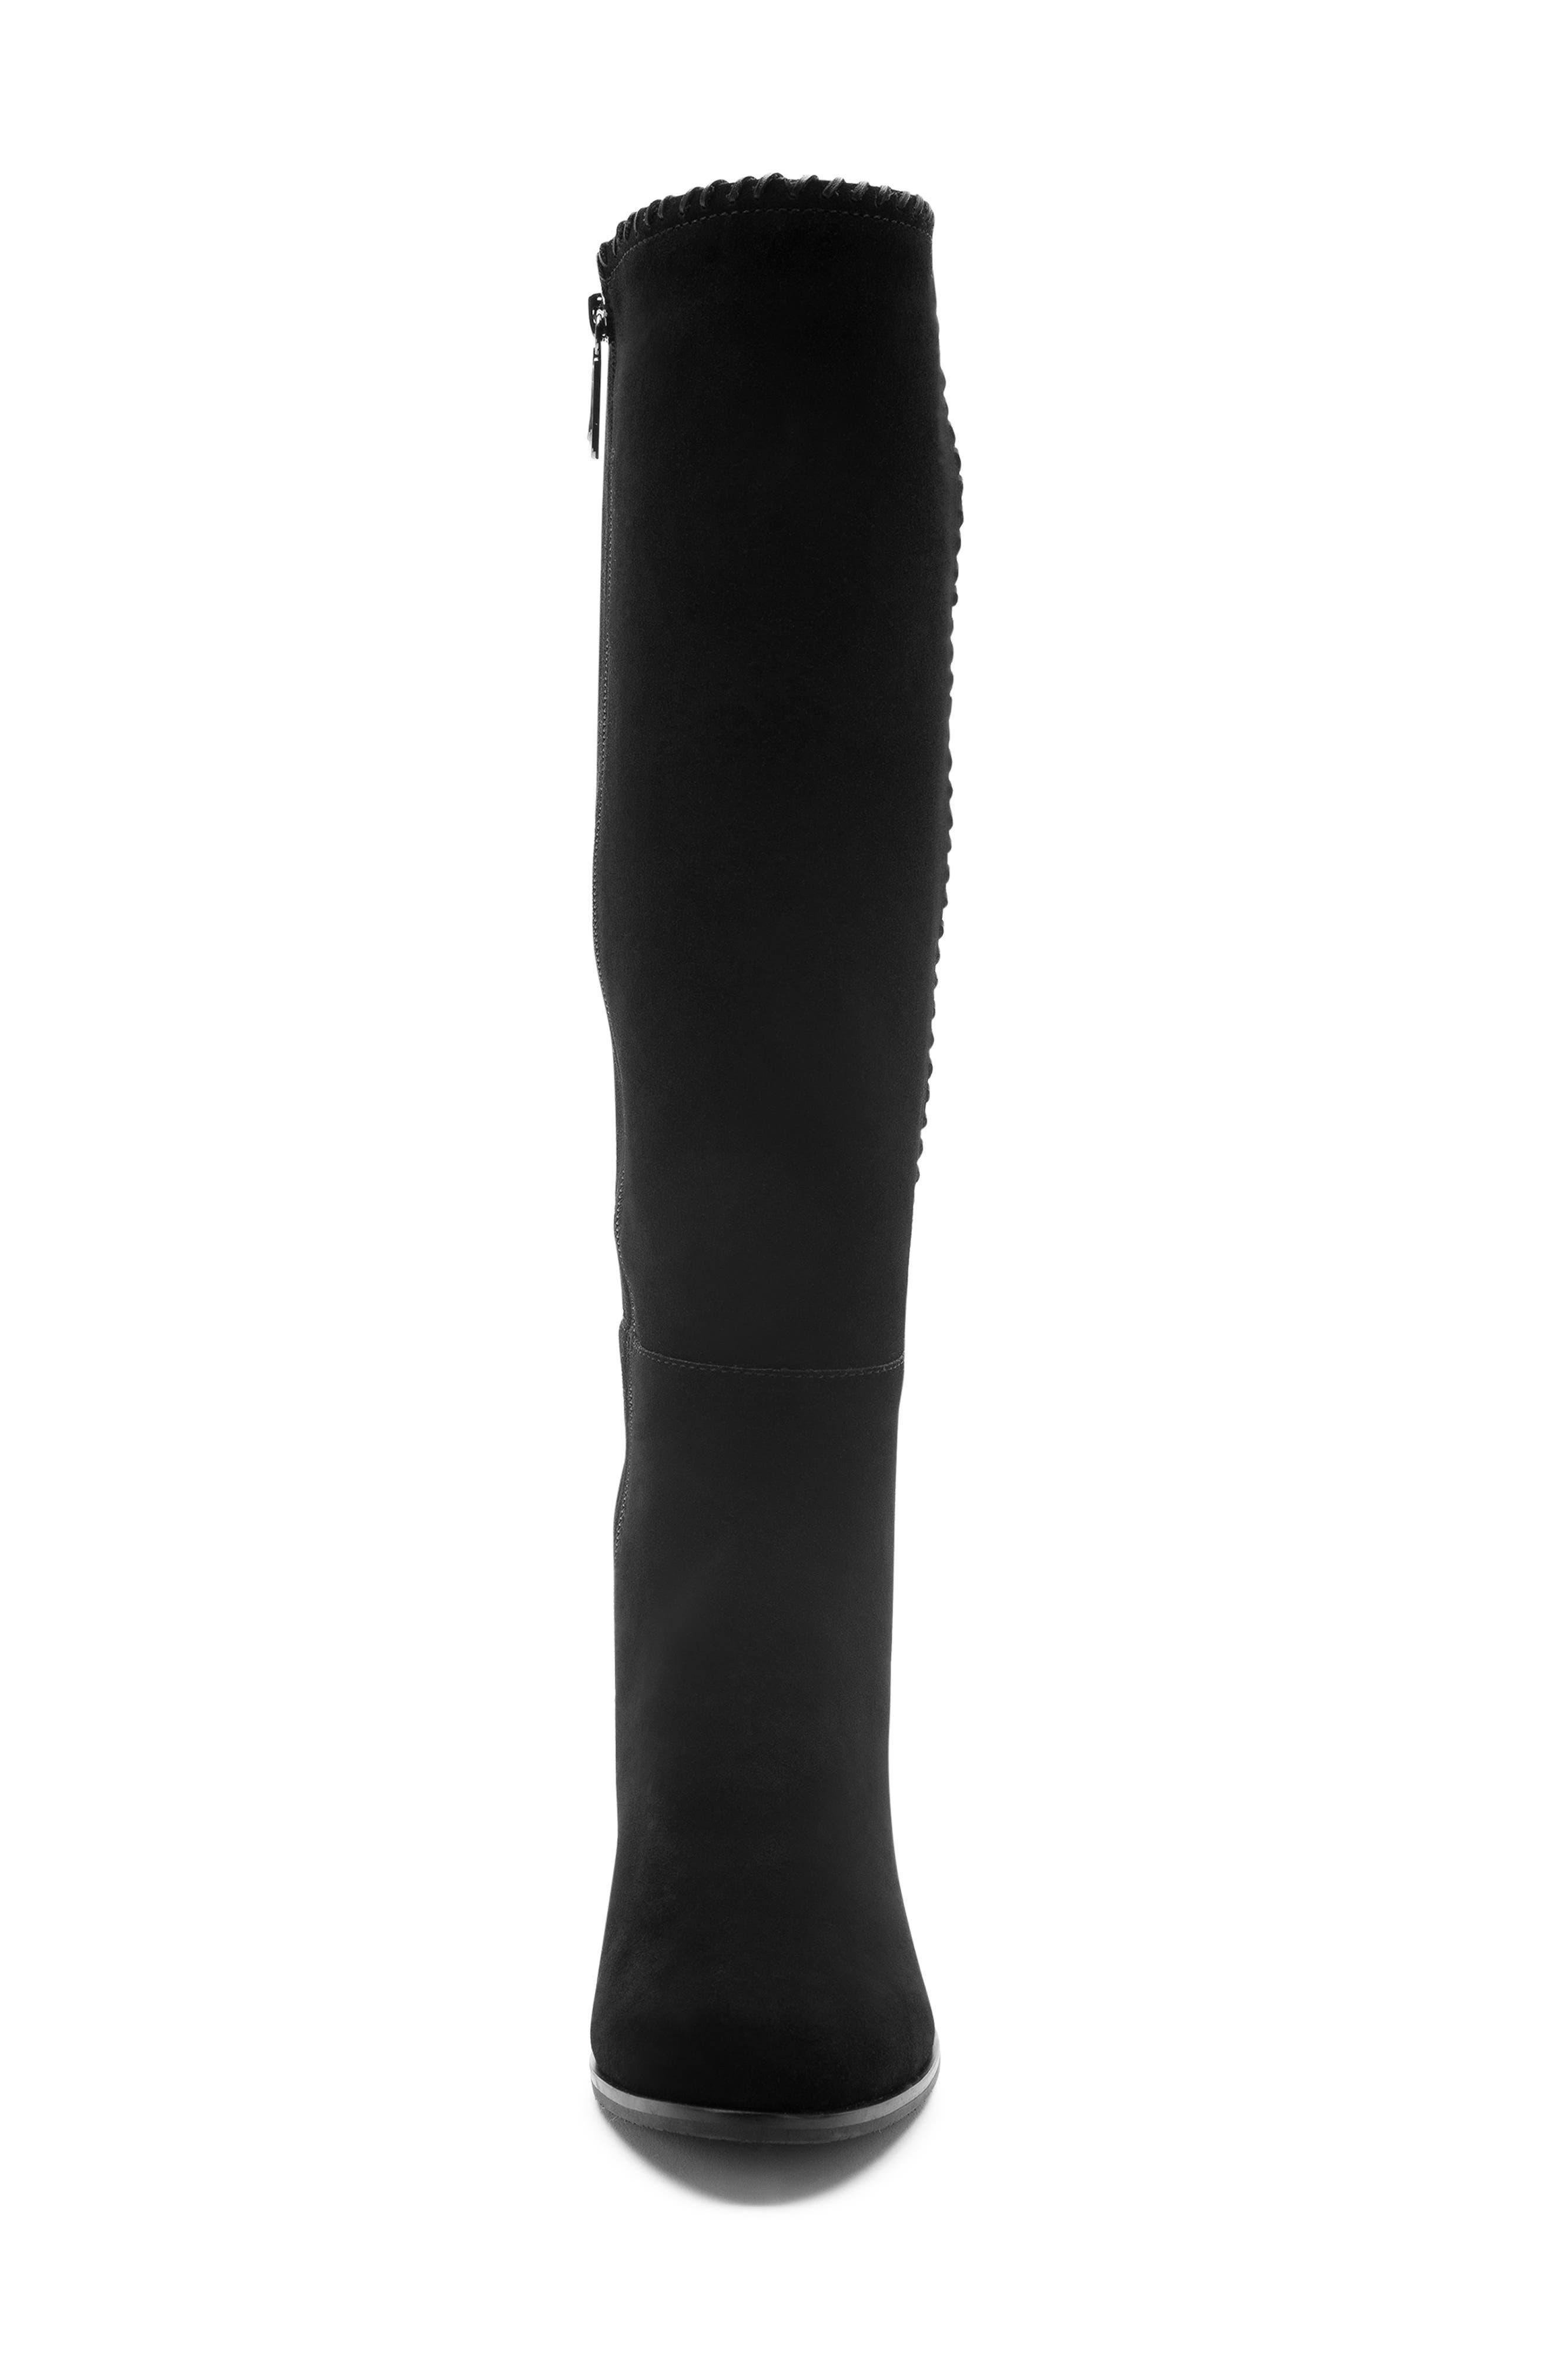 Edith Knee-High Waterproof Suede Boot,                             Alternate thumbnail 6, color,                             Black Suede